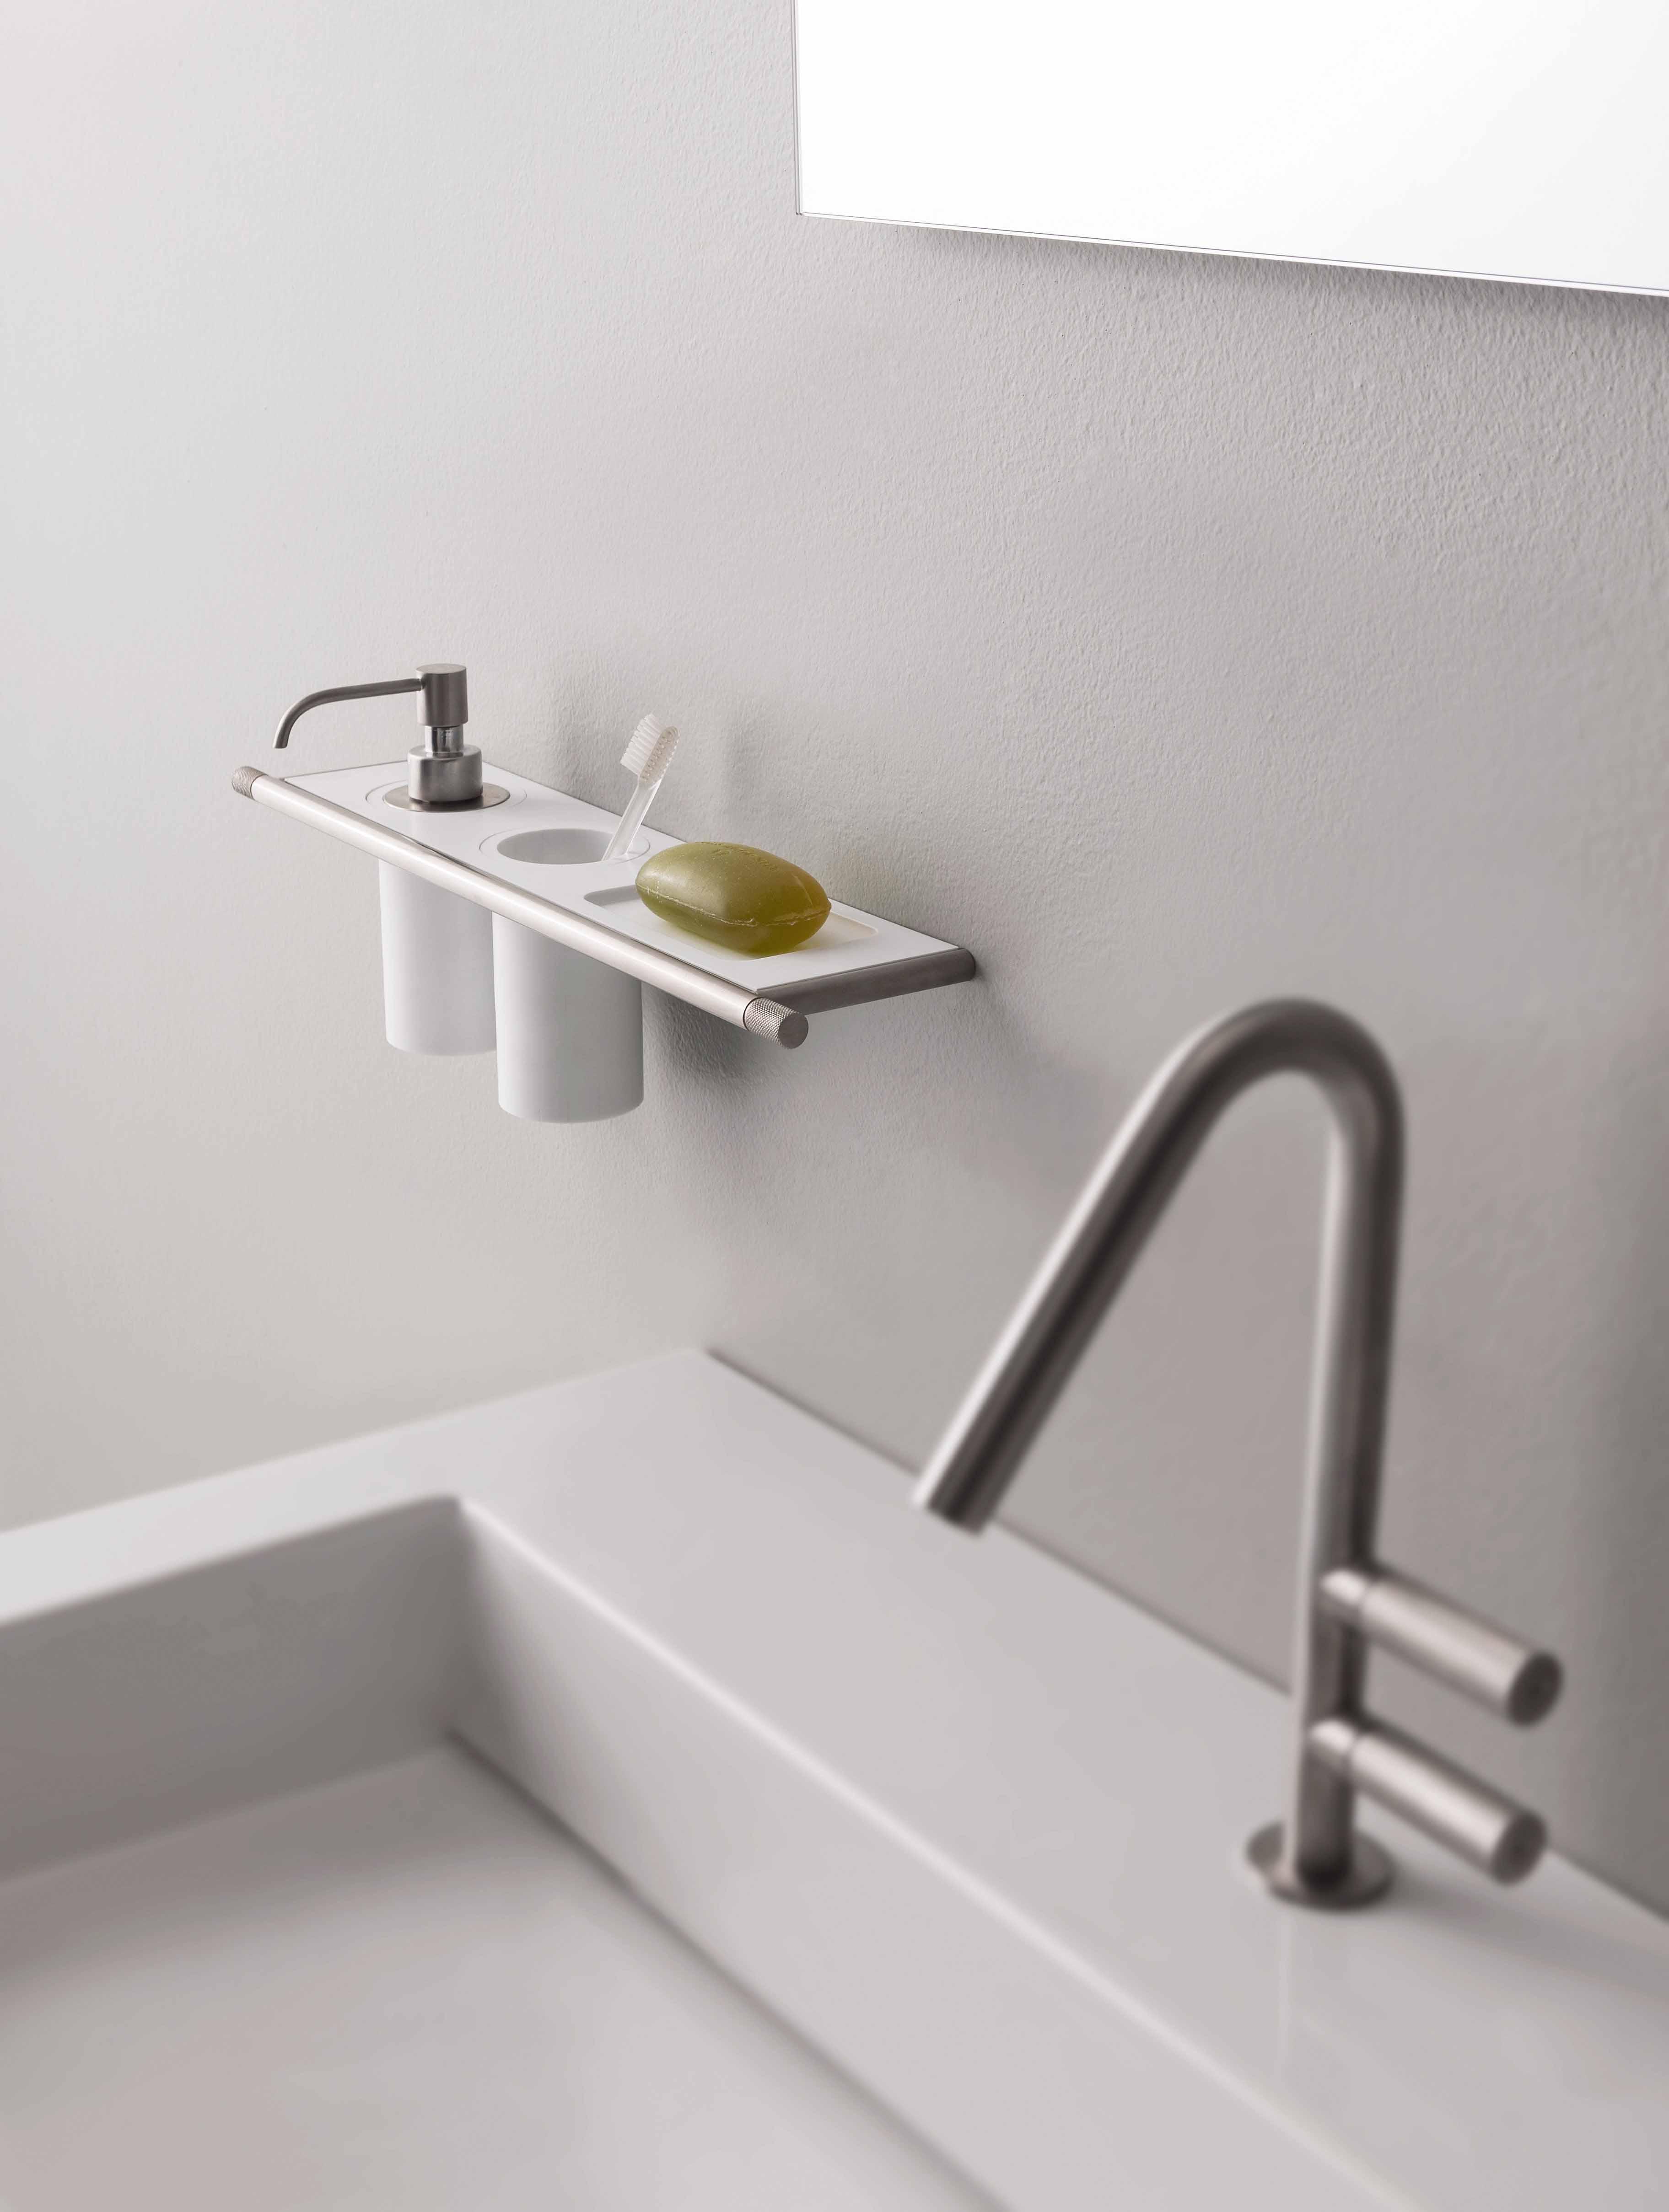 Treemme rubinetterie presenta i nuovi complementi bagno - Complementi bagno ...